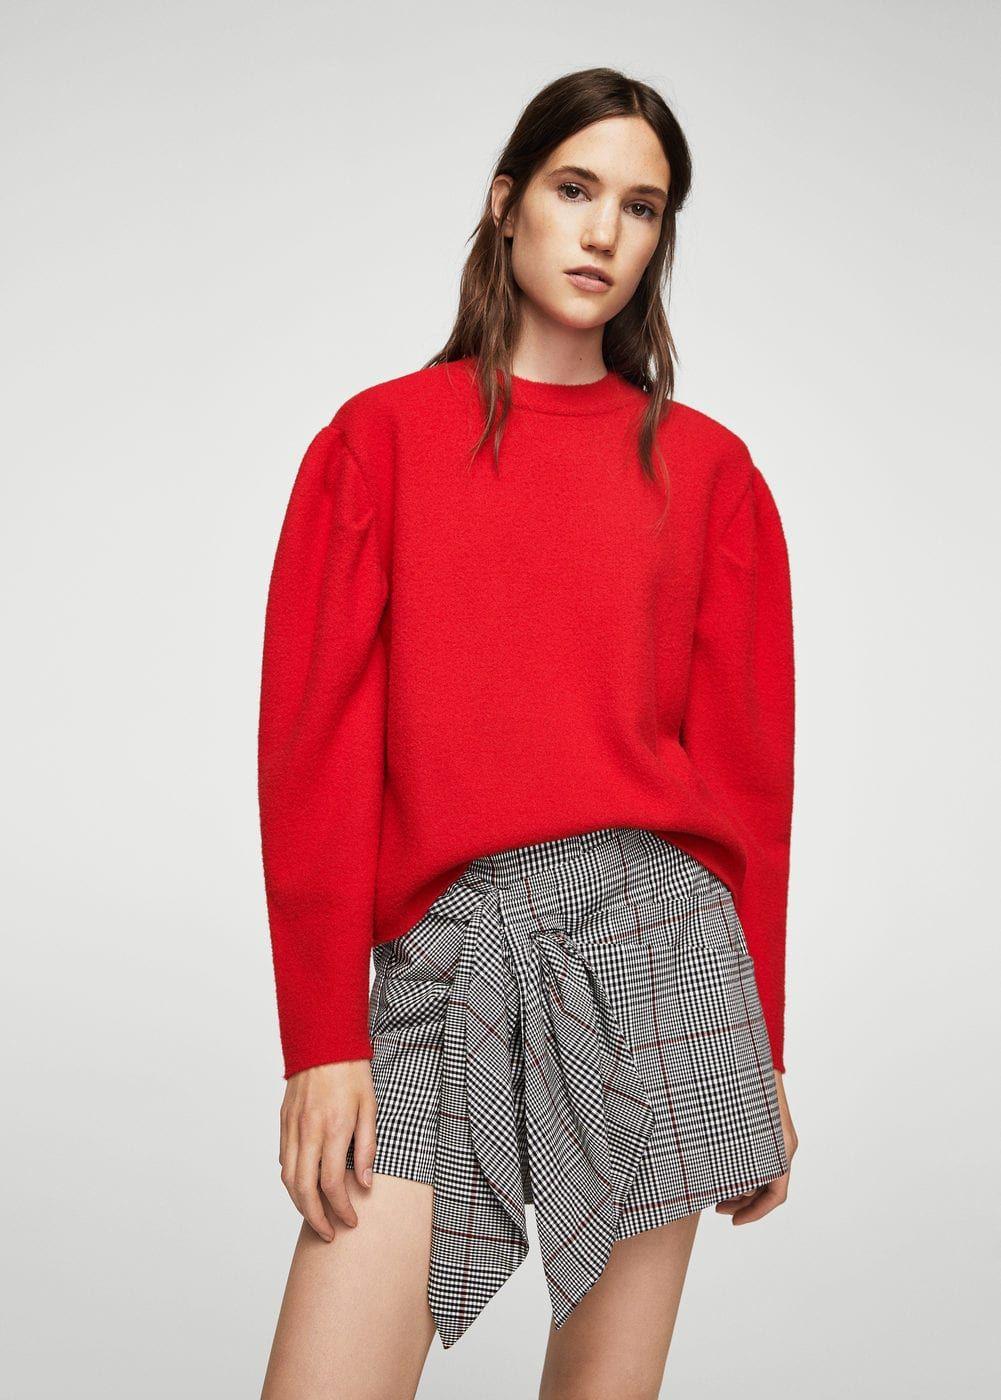 Falda pantalón cuadros - Mujer  81493dfdbdfd